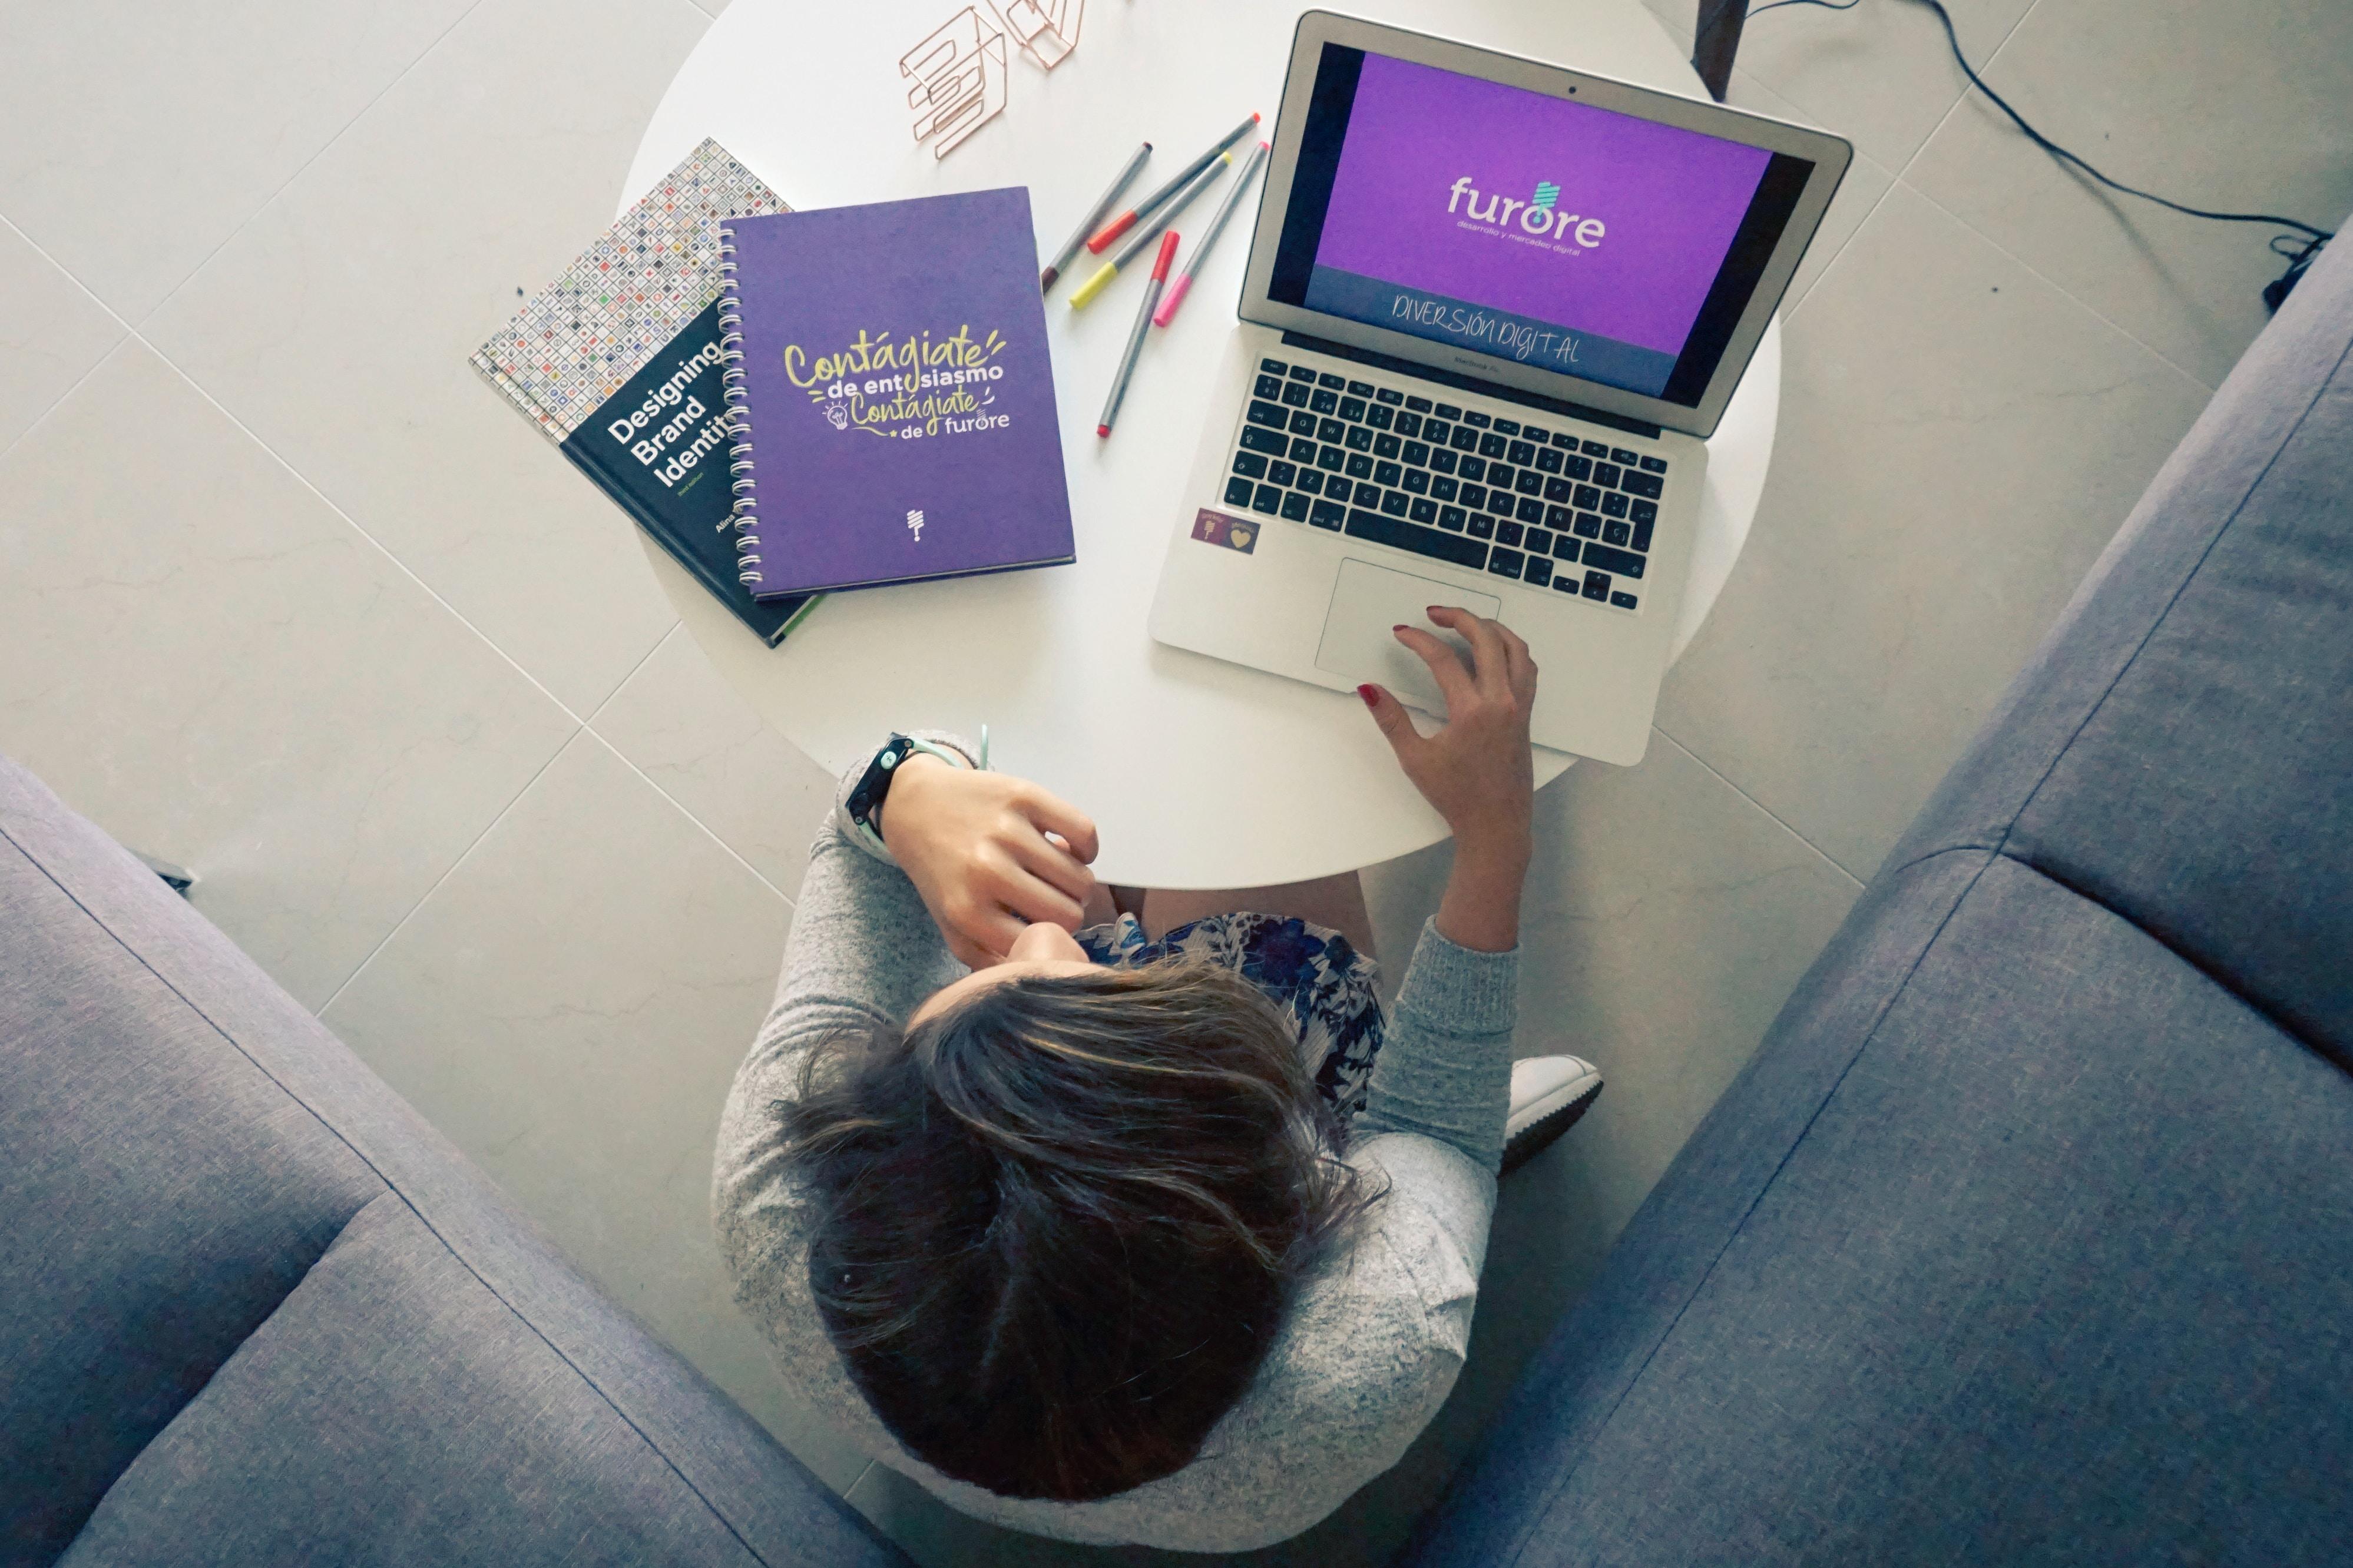 Otthoni munkavégzés és időbeosztás? 5 tipp, hogy tudatosabban gazdálkodj az időddel!